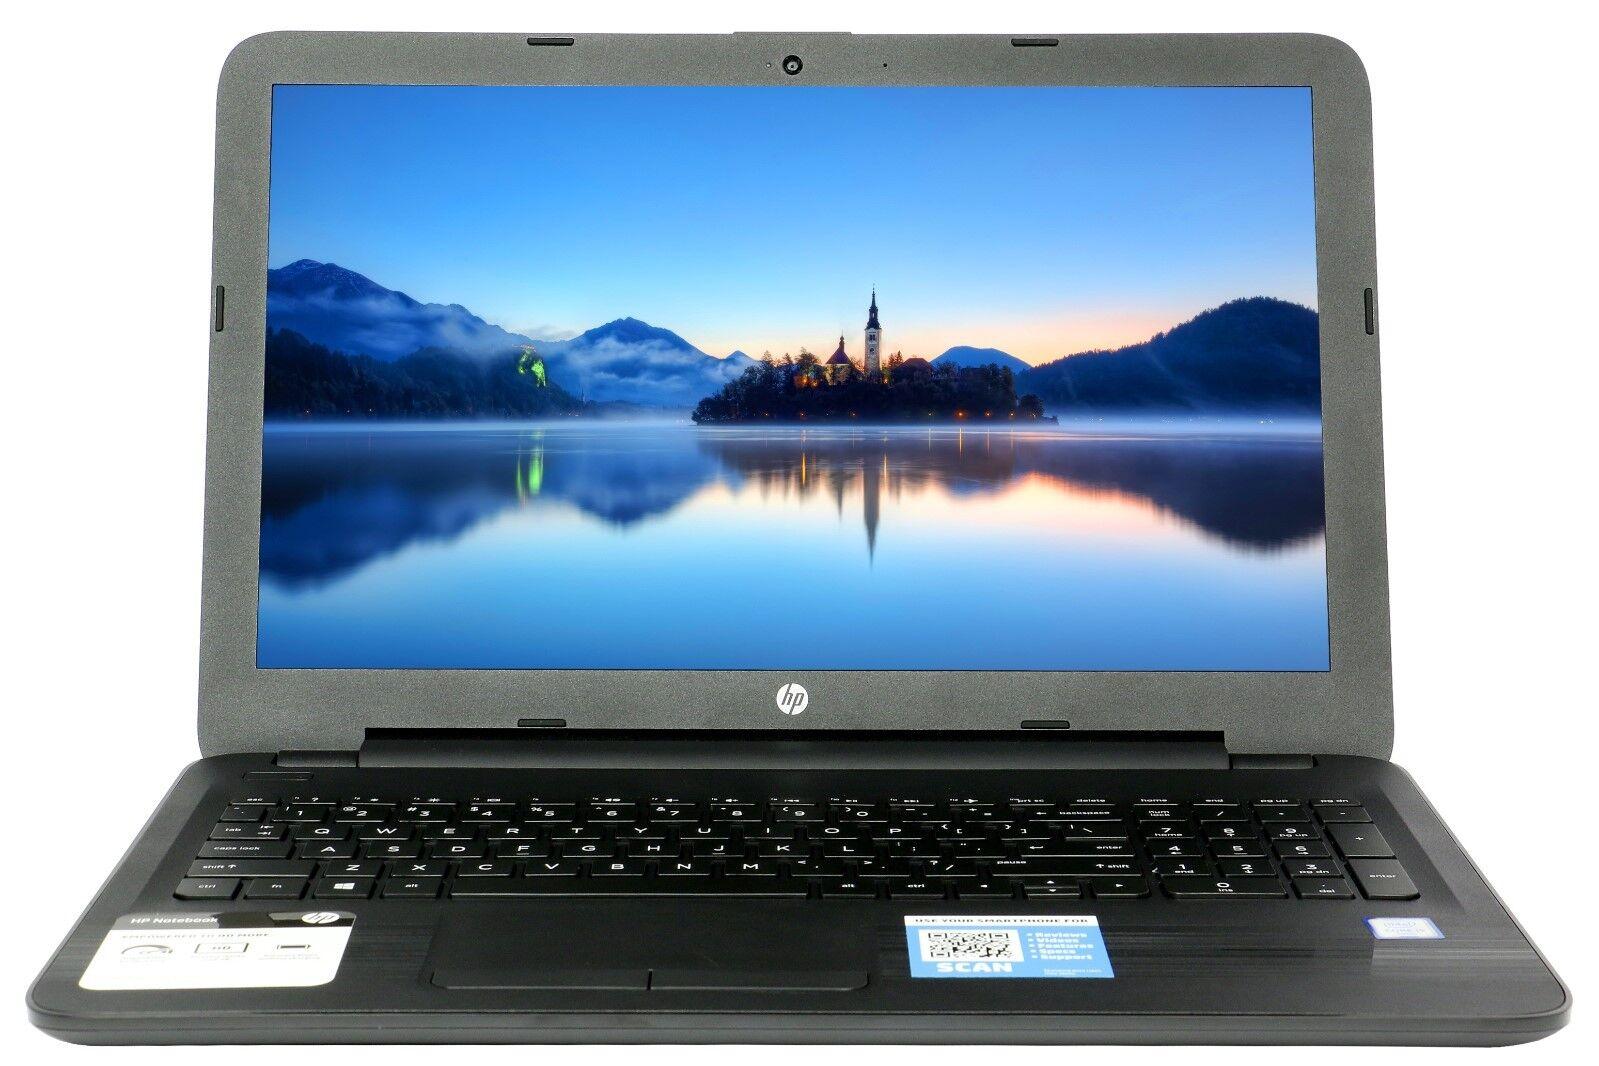 New HP 15.6 4GB Ram 500GB HD Quad Core AMD DVD RW Windows 10 Webcam HDMI 10Key